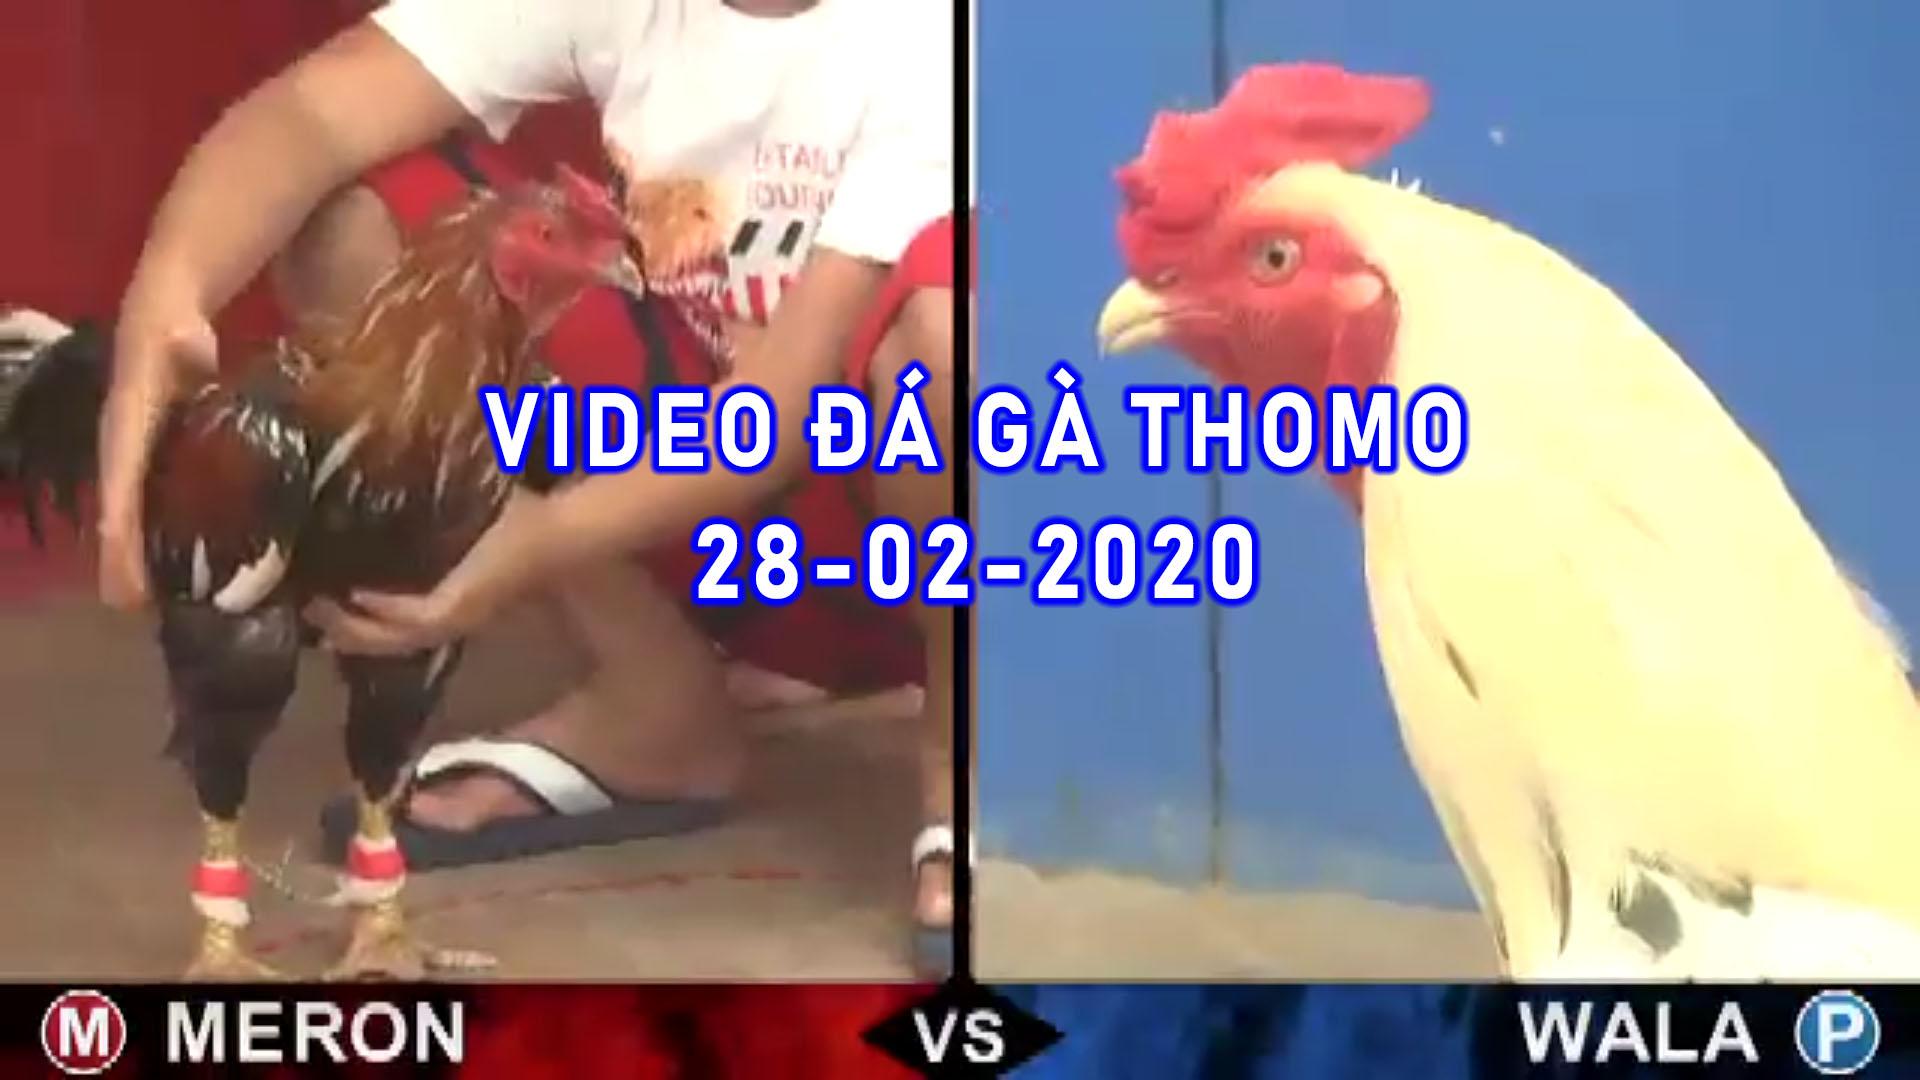 Đá gà cựa sắt thomo campuchia 28-2-2020